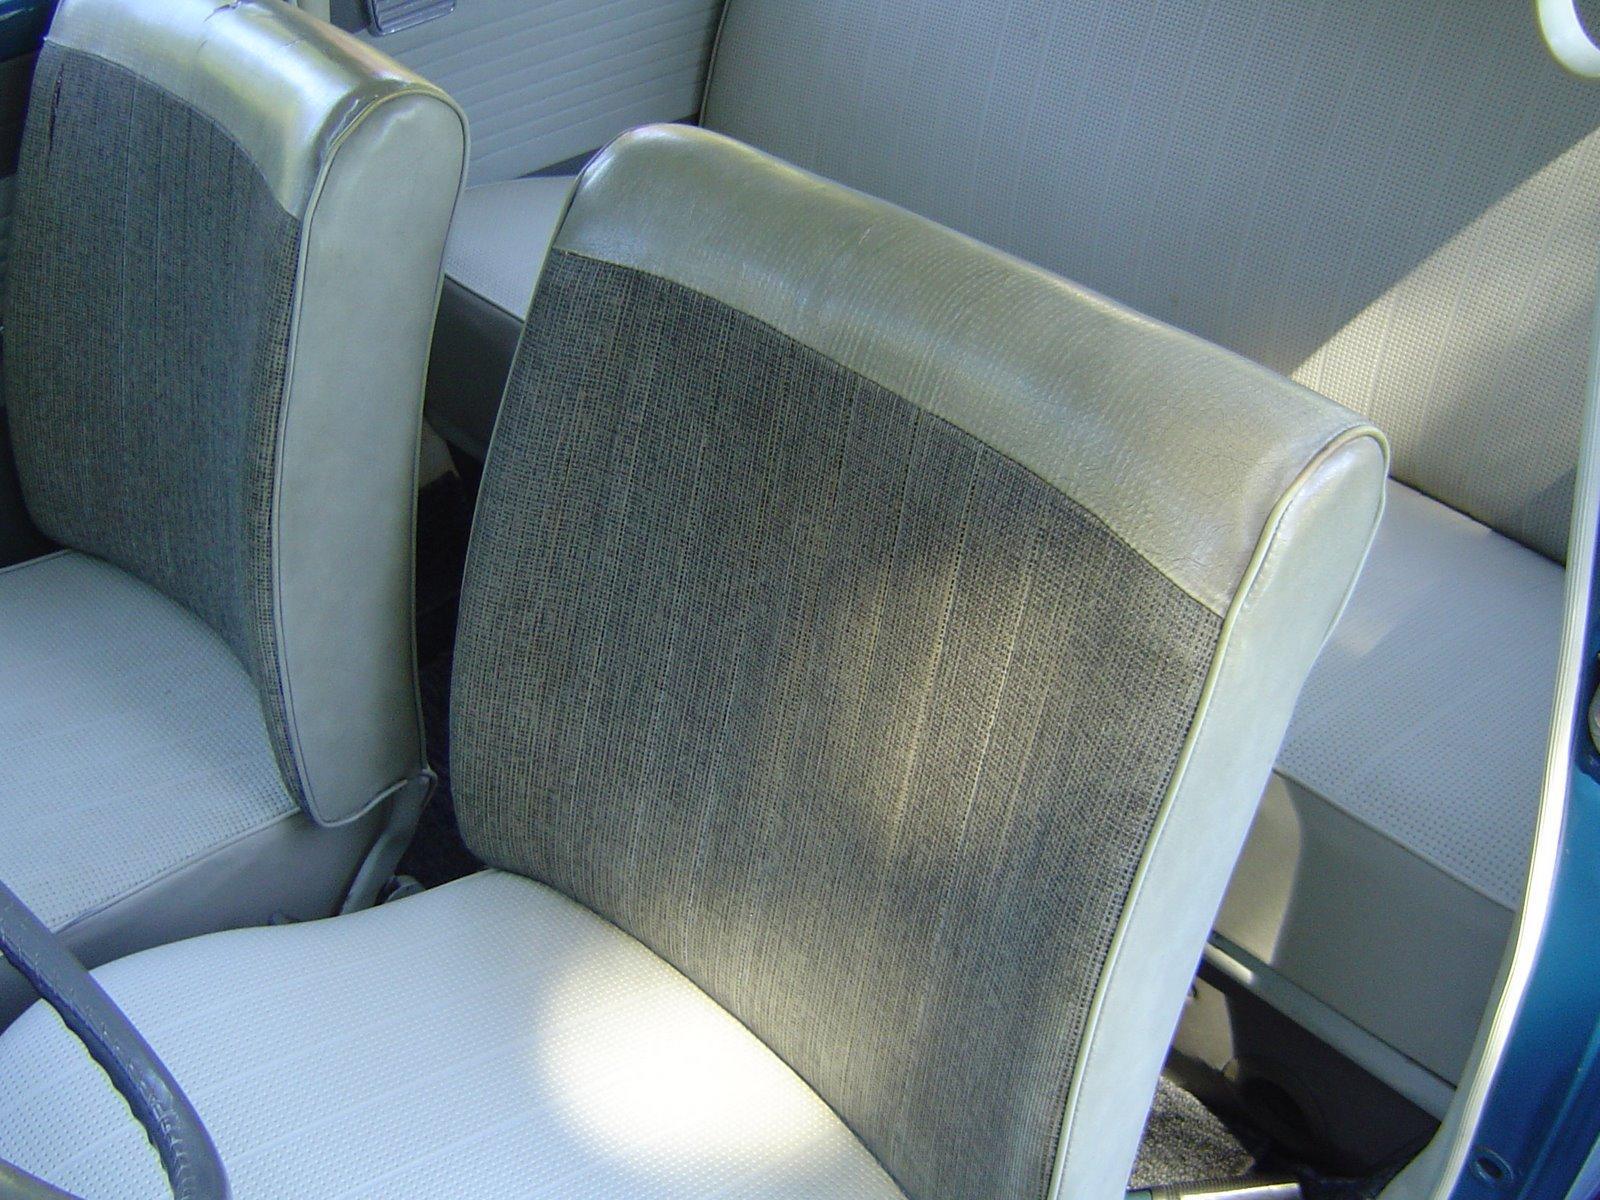 1965 Type 1 Original Seat - Mesh Grey #83